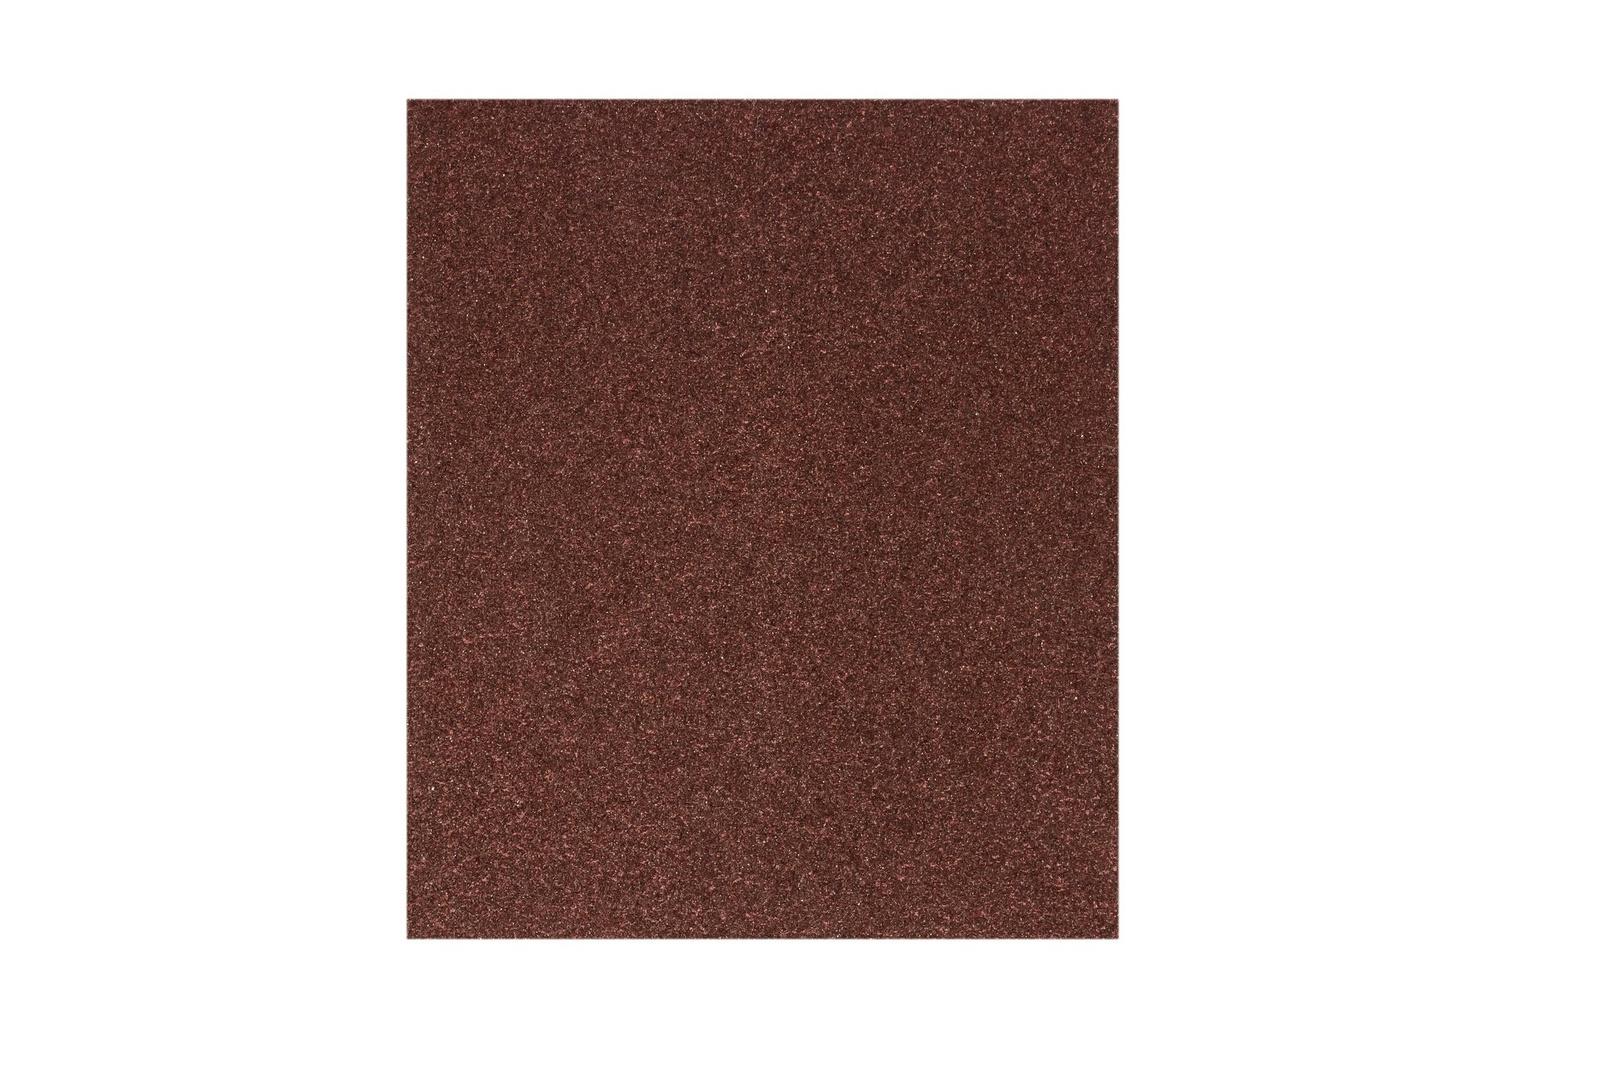 лучшая цена Лист шлифовальный 888 Ткань шлифовальная 230 х 280 мм